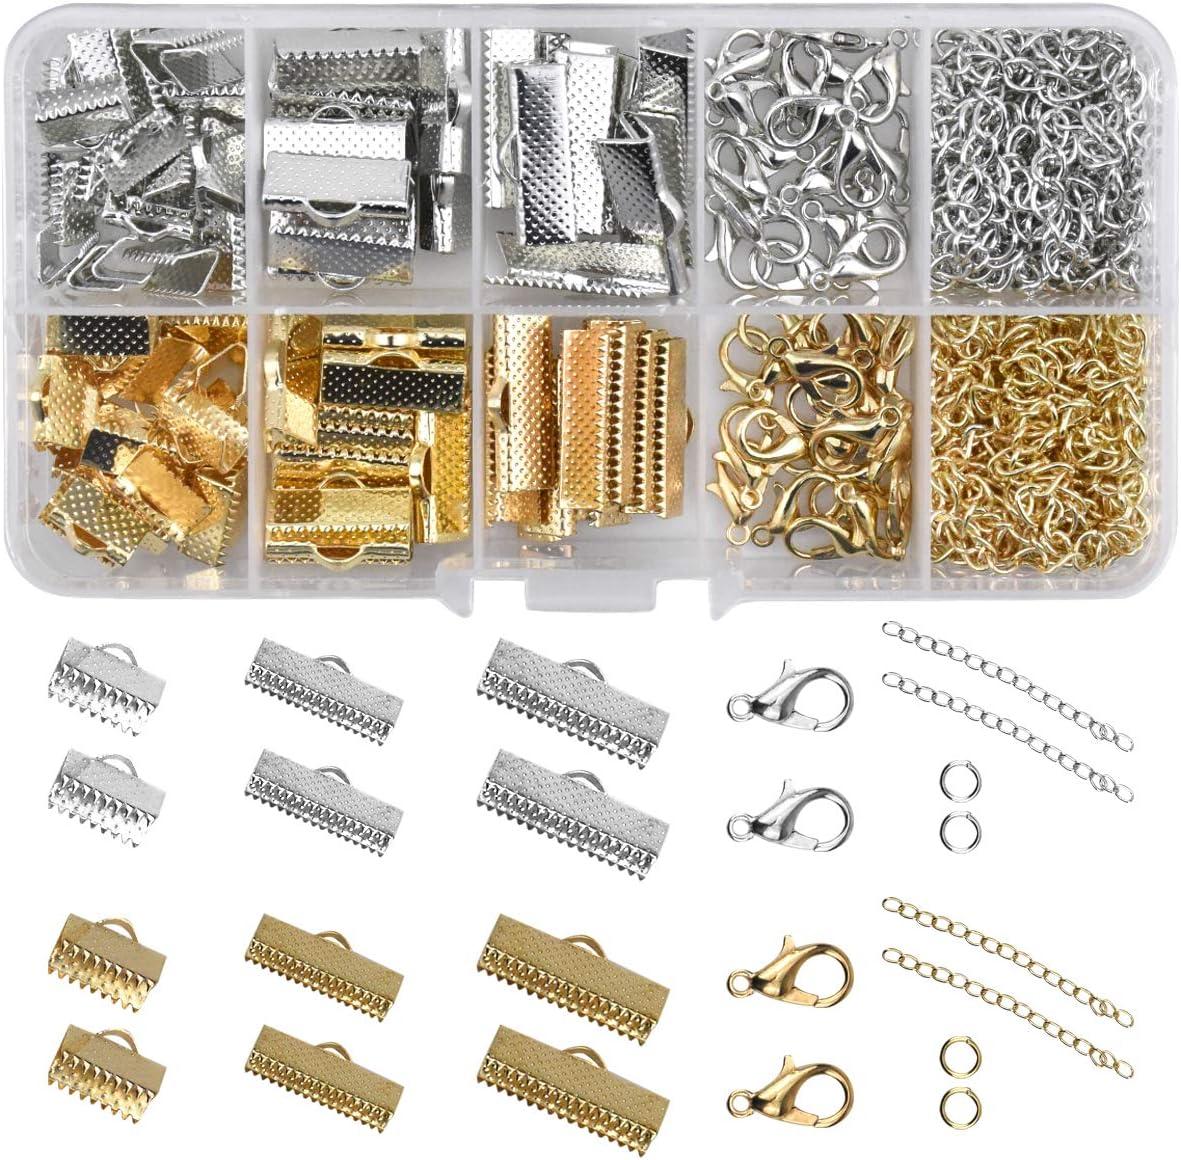 Cierre de Langosta Magnético para Pulsera, Collar, Joyería, Fabricación de Bisutería Color Plateado y Dorado